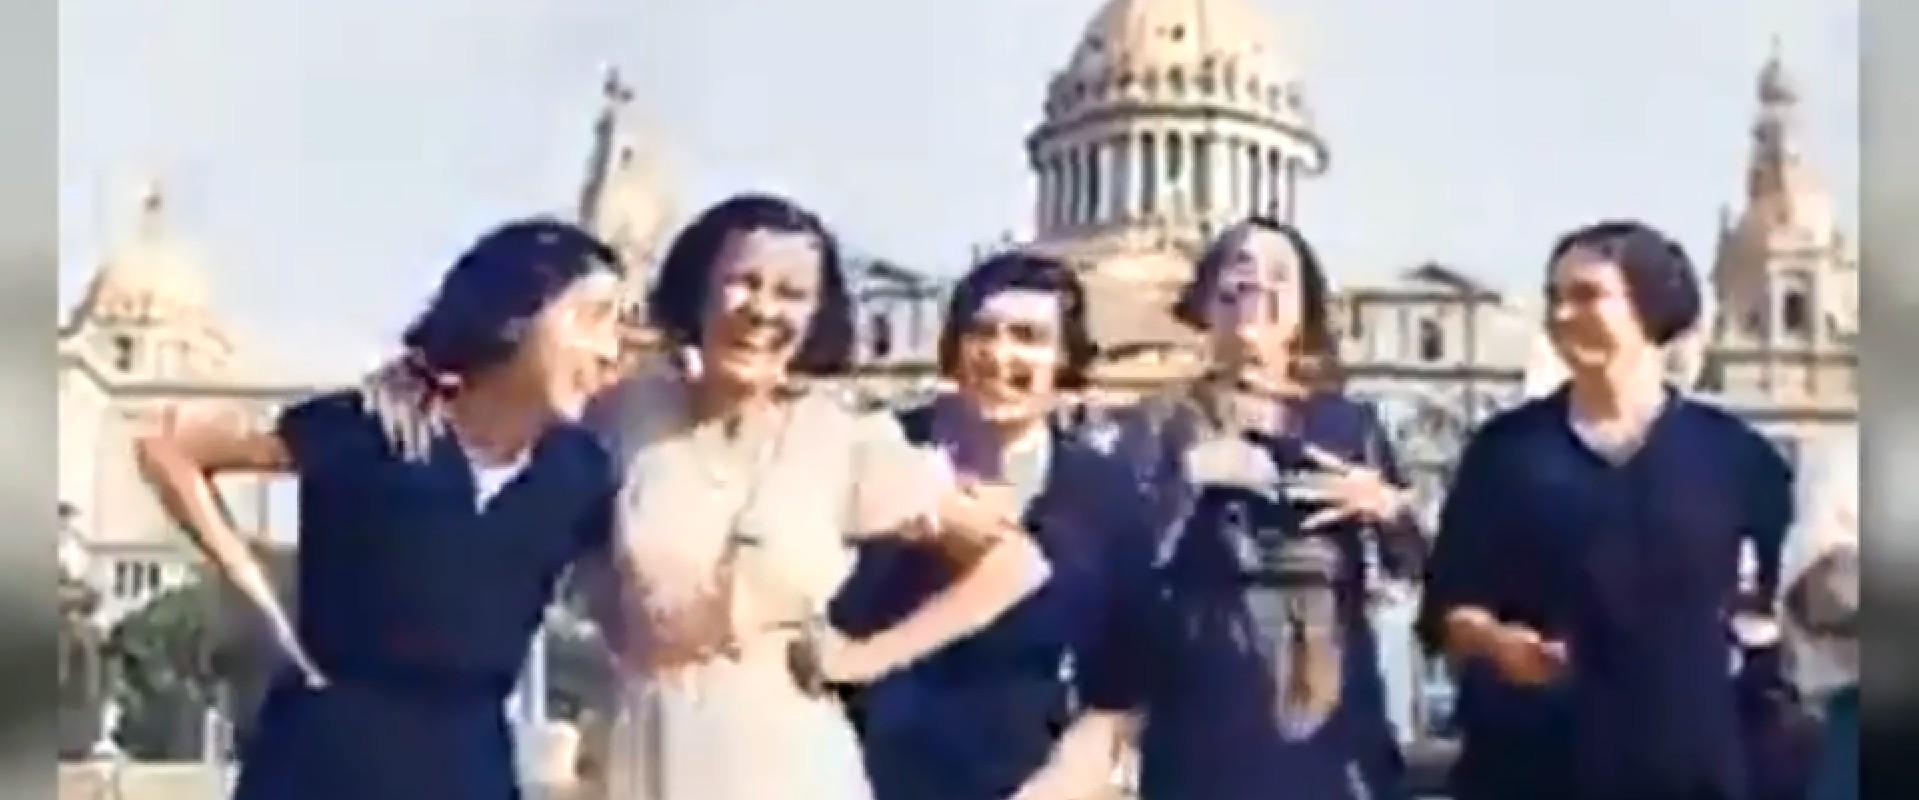 Imagen de la familia Navarro captada en 1932 en las escales de lo que hoy es la plaza de las Cascades.